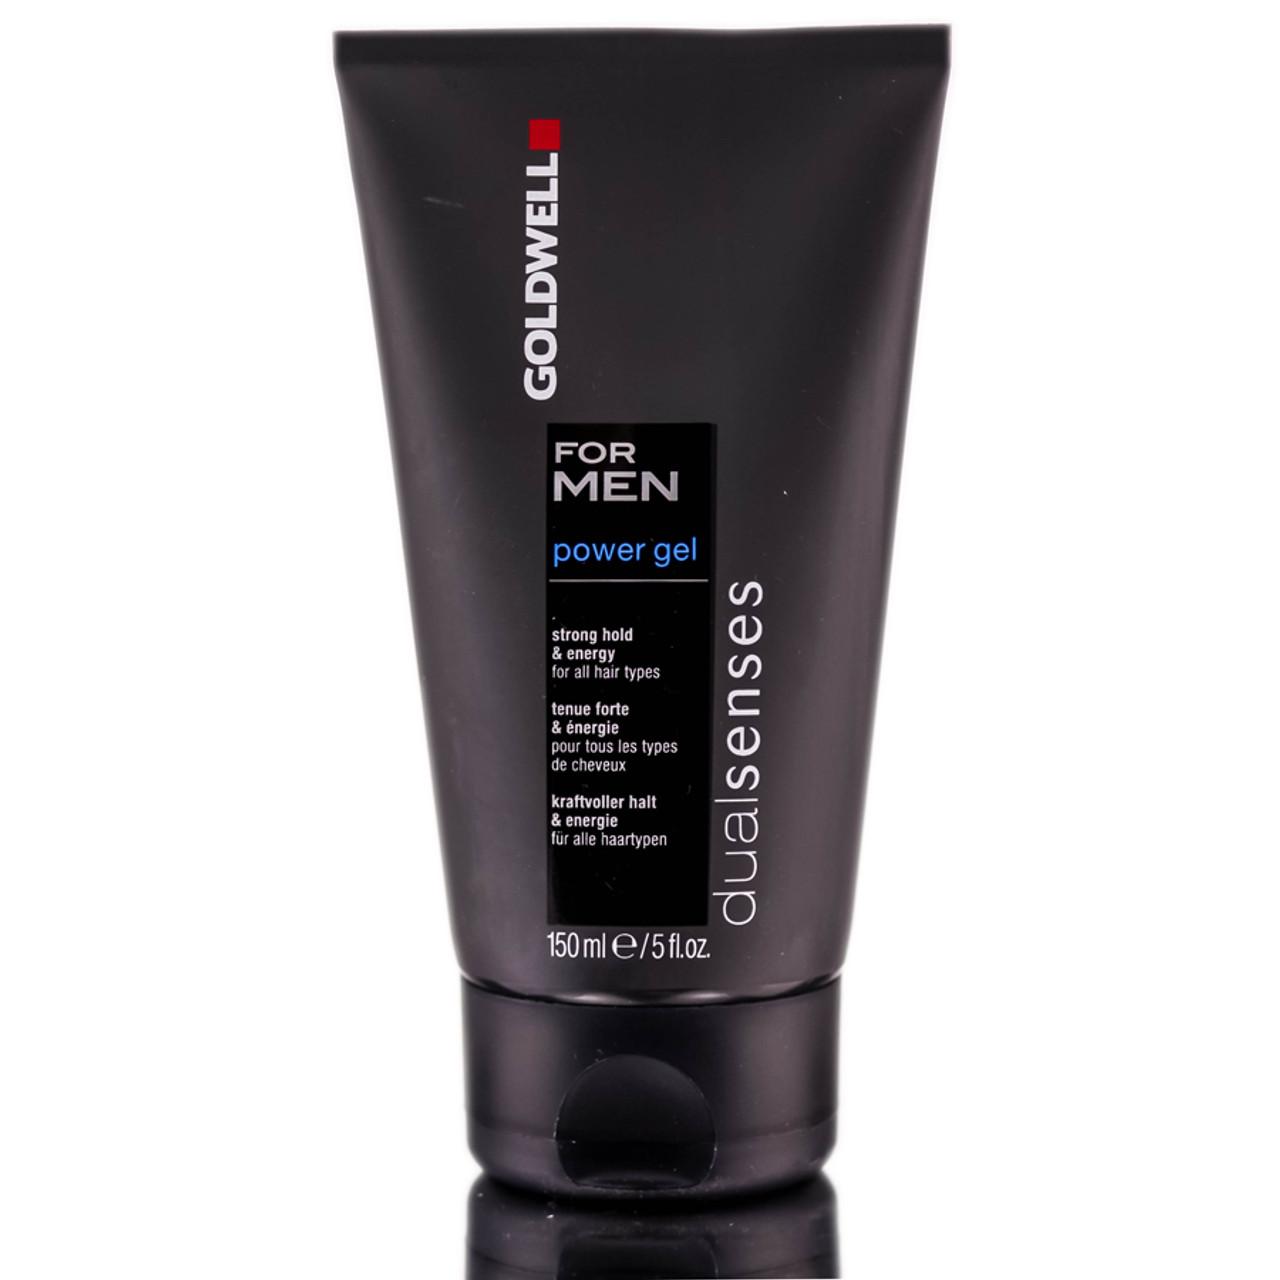 Hair Styling Gel For Men: Goldwell For MEN DualSenses Power Gel